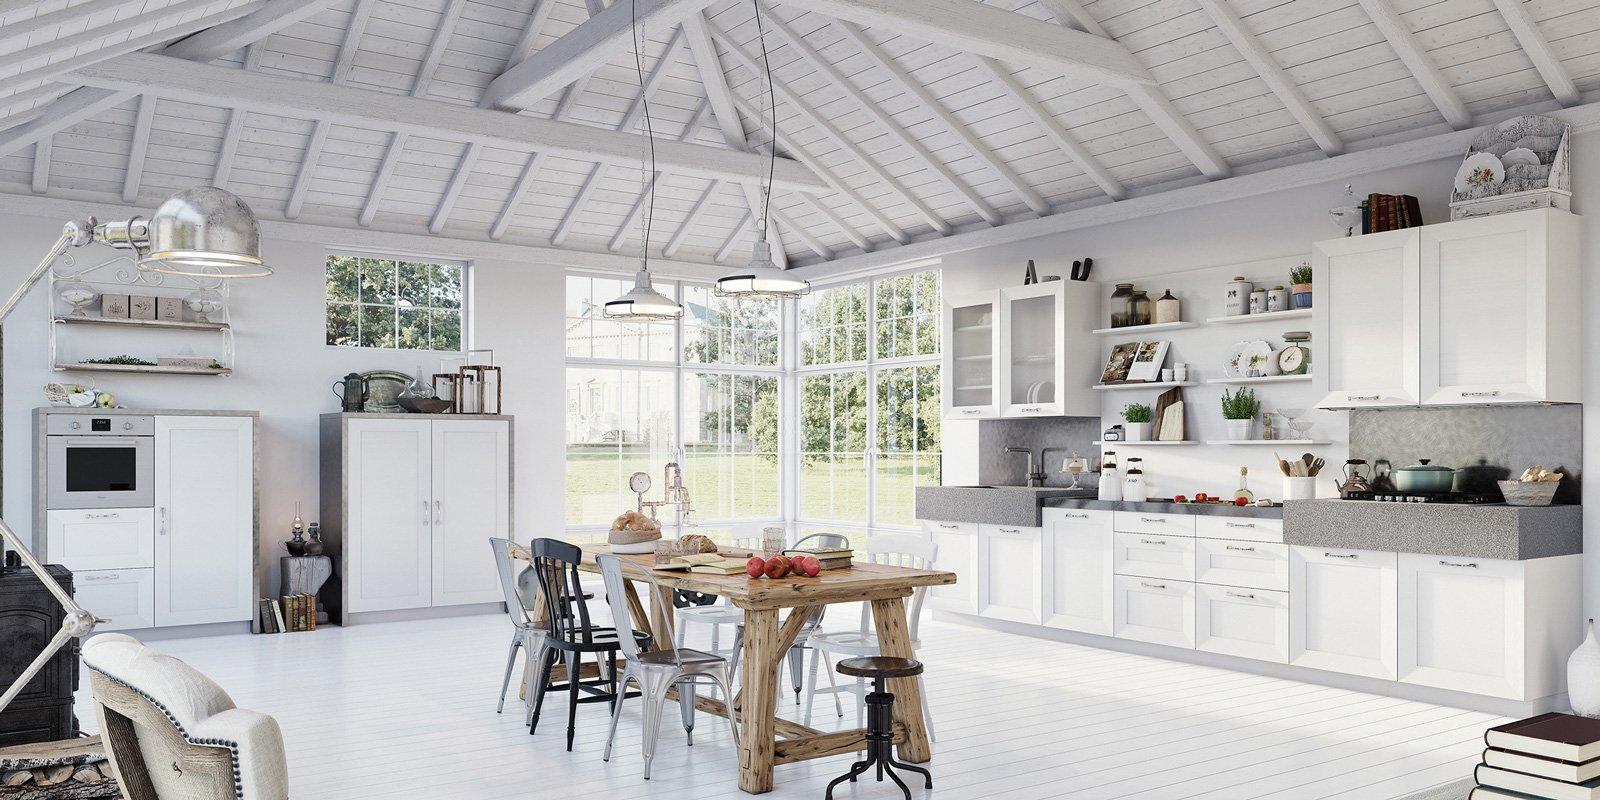 Cucine in legno tradizionali country o moderne cose di for Piani di casa in stile tradizionale